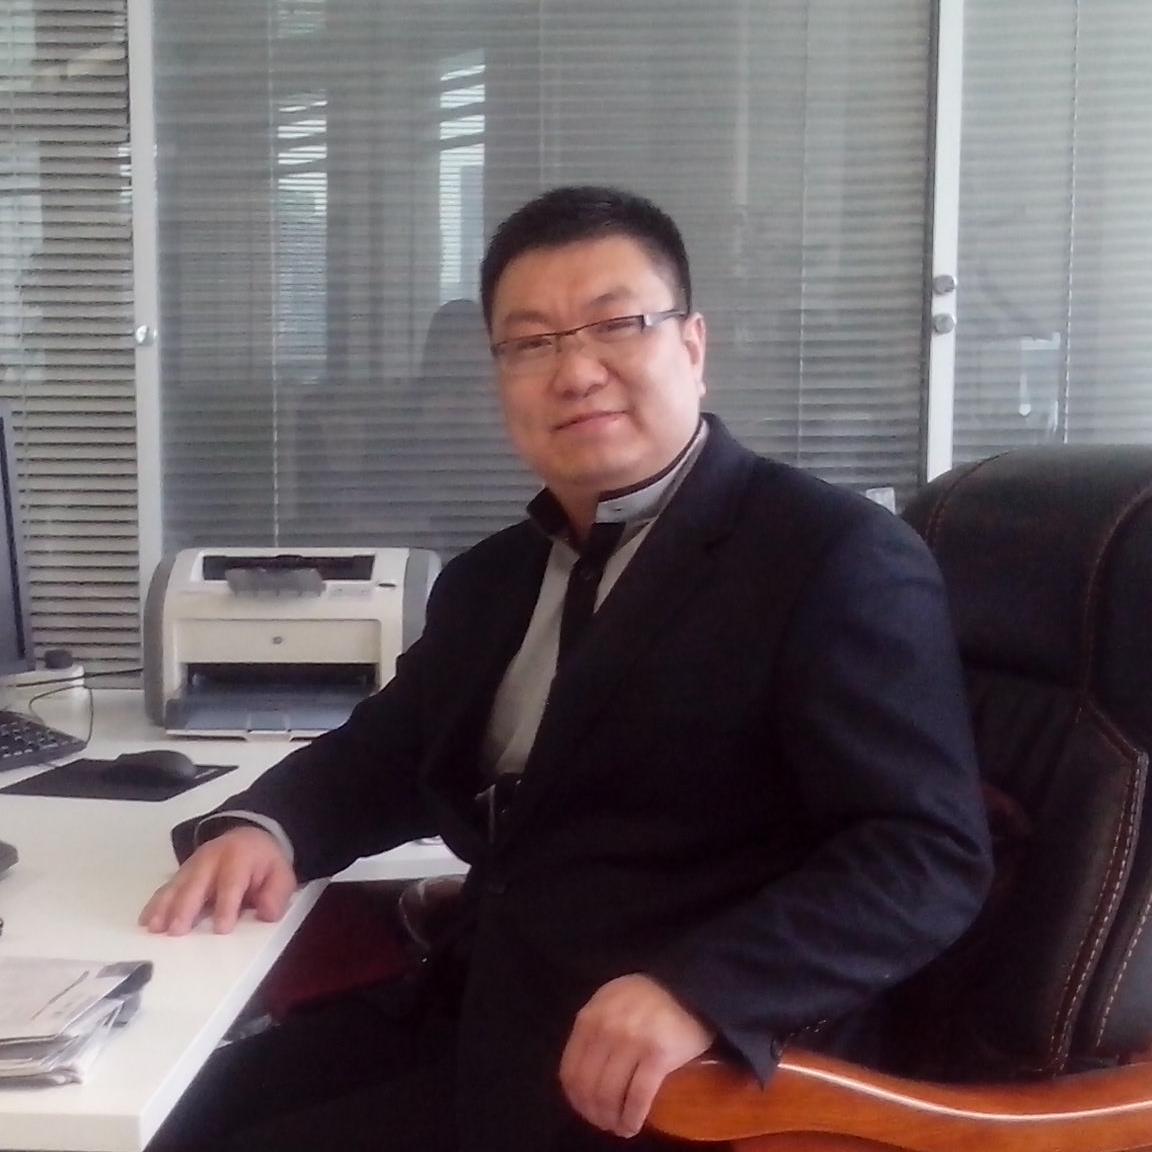 刘健猎头顾问